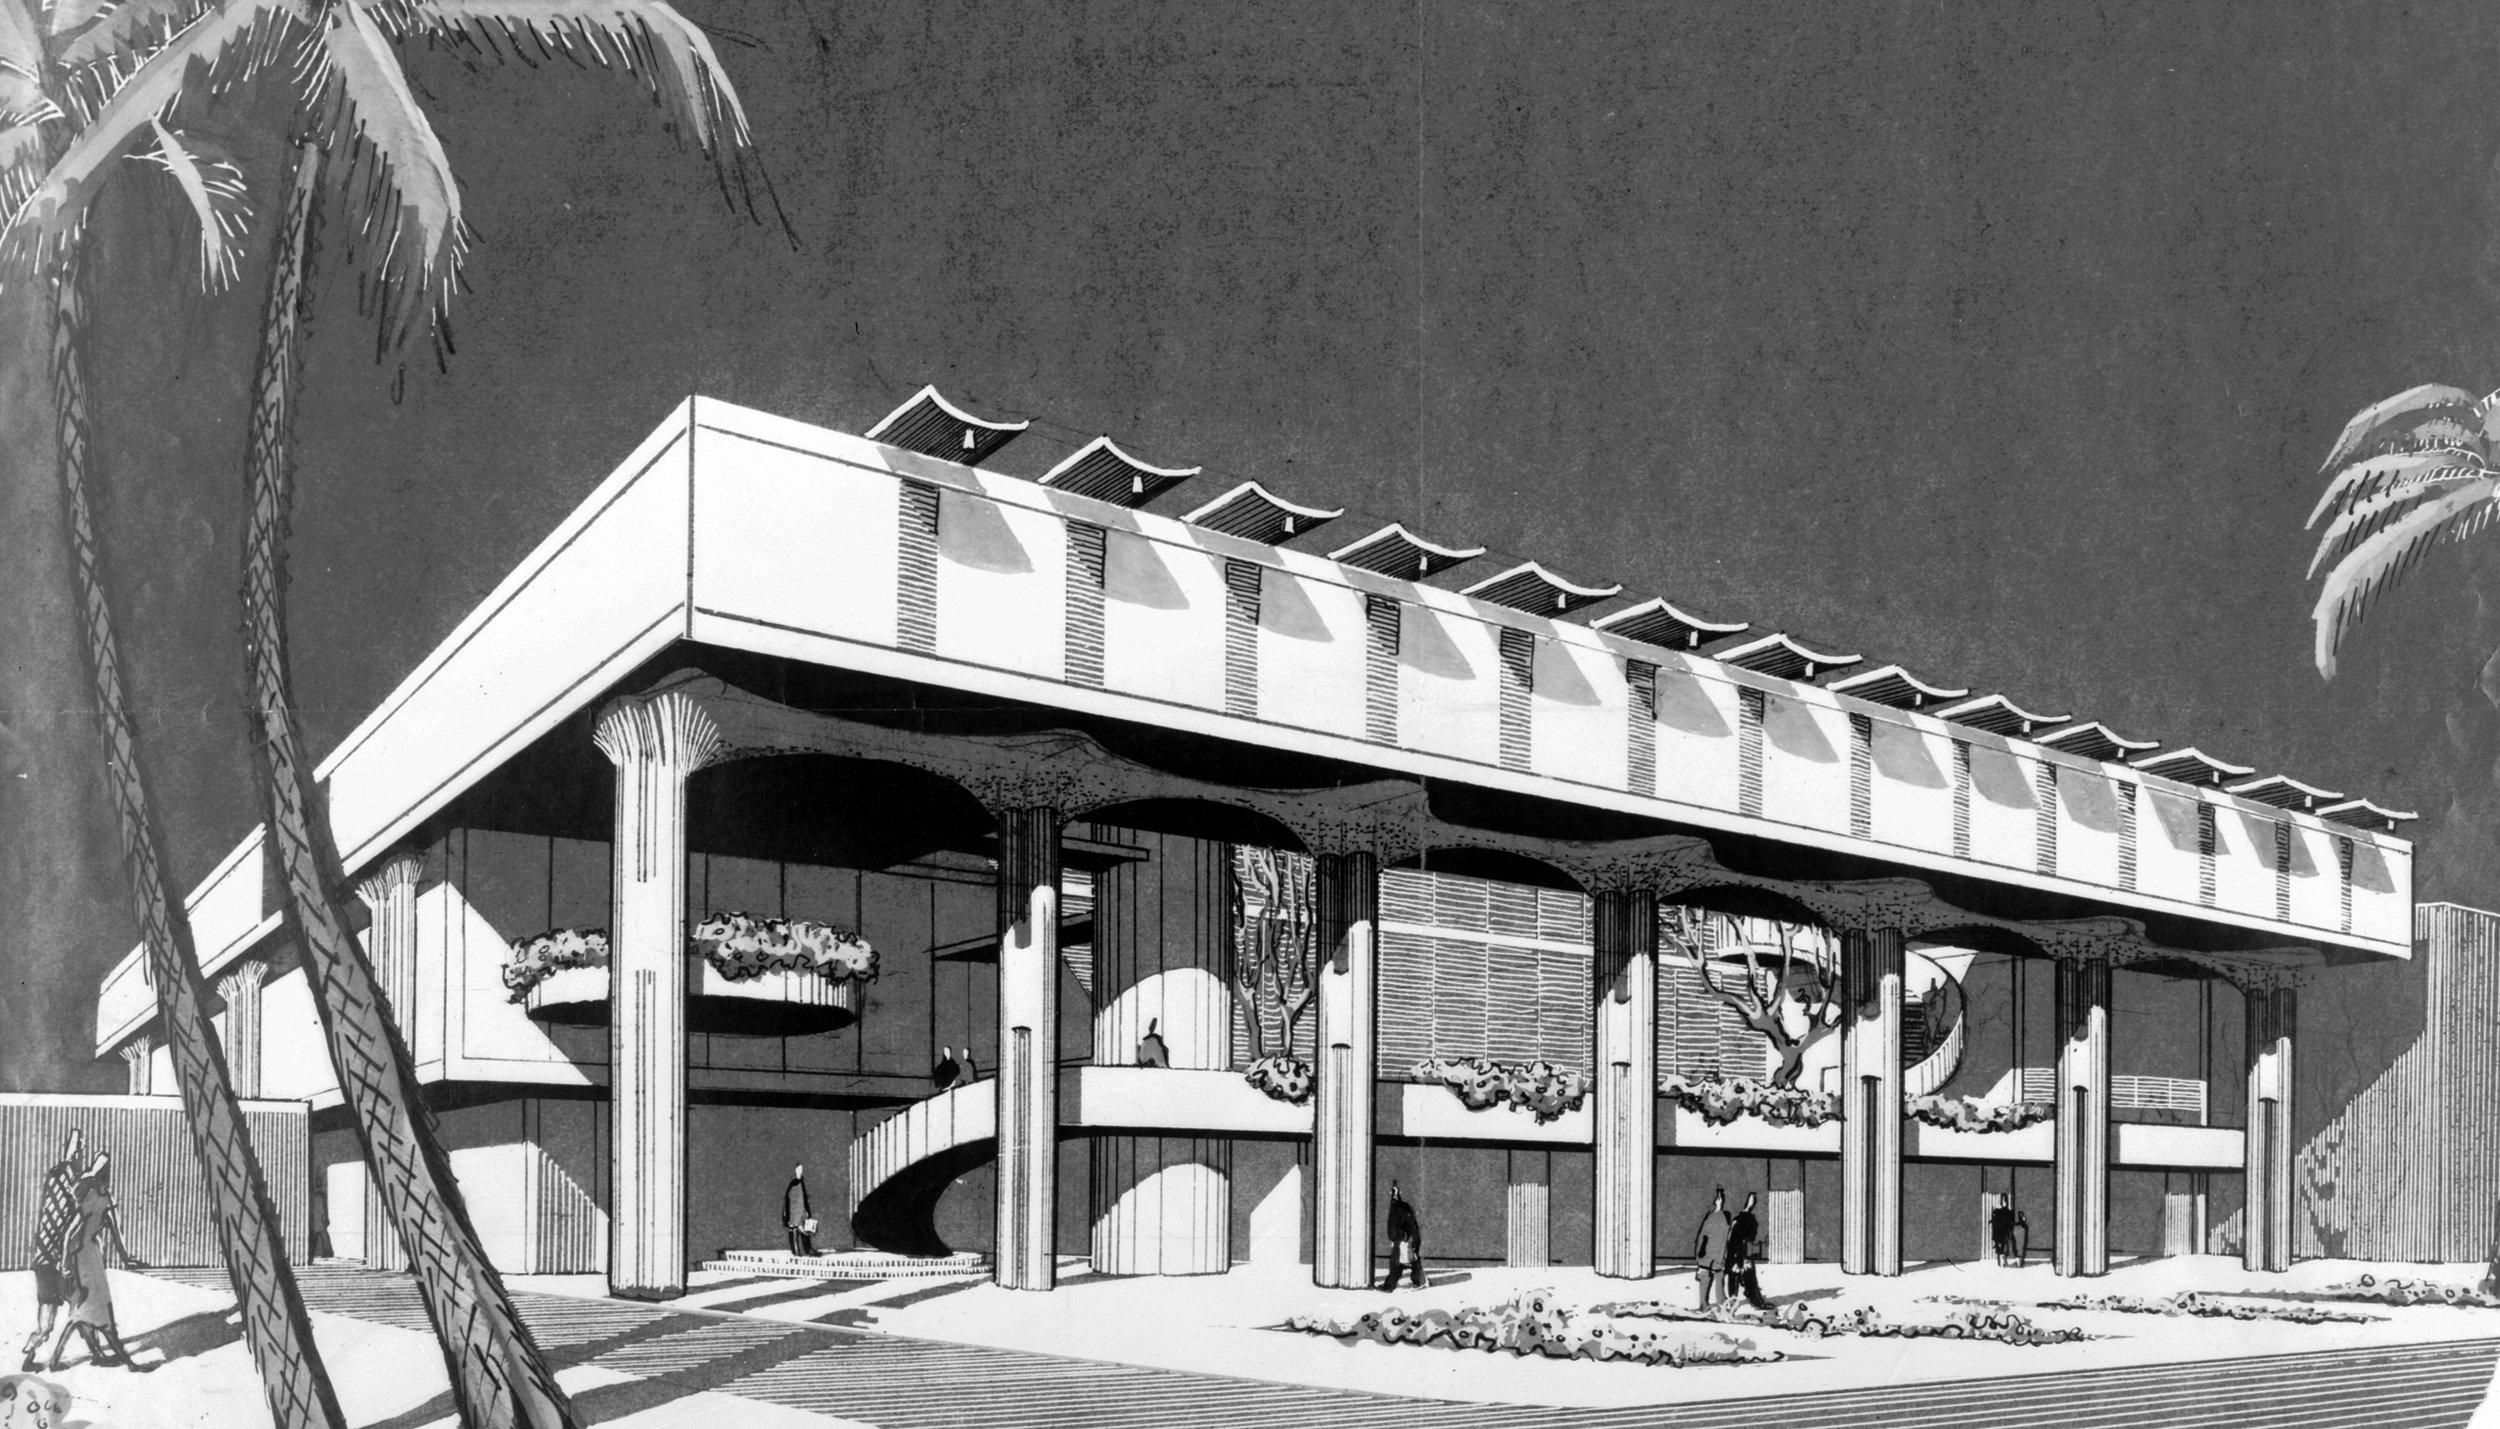 Bramlett Office Building, 1956